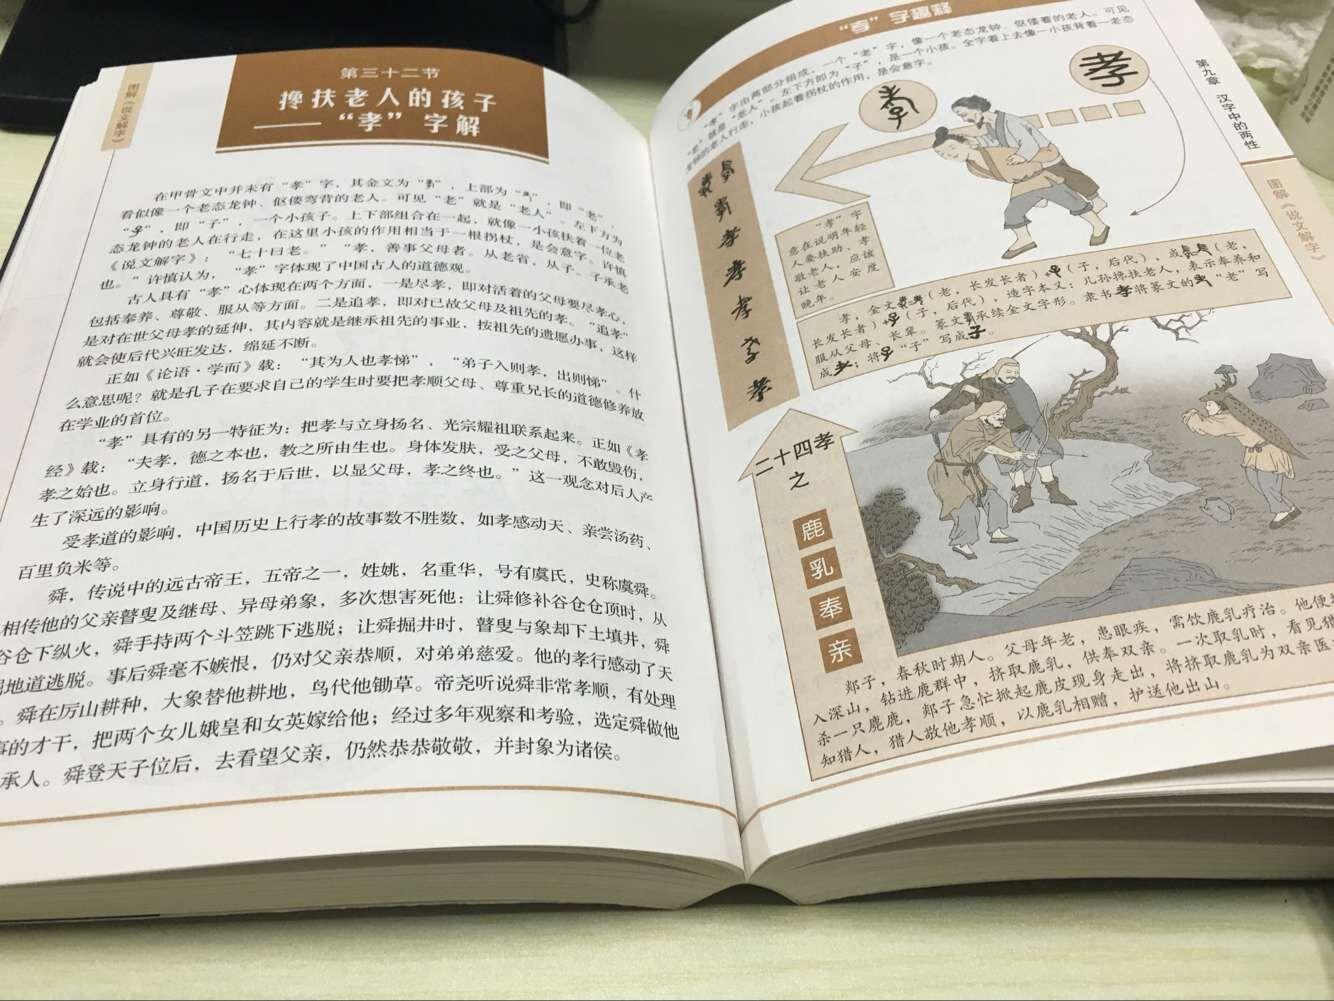 字书 中国一部分析汉字和考研字源 工具书 一部详细介绍汉字源流及其文化内涵 全方位图解美绘版 图解说文解字 正版包邮